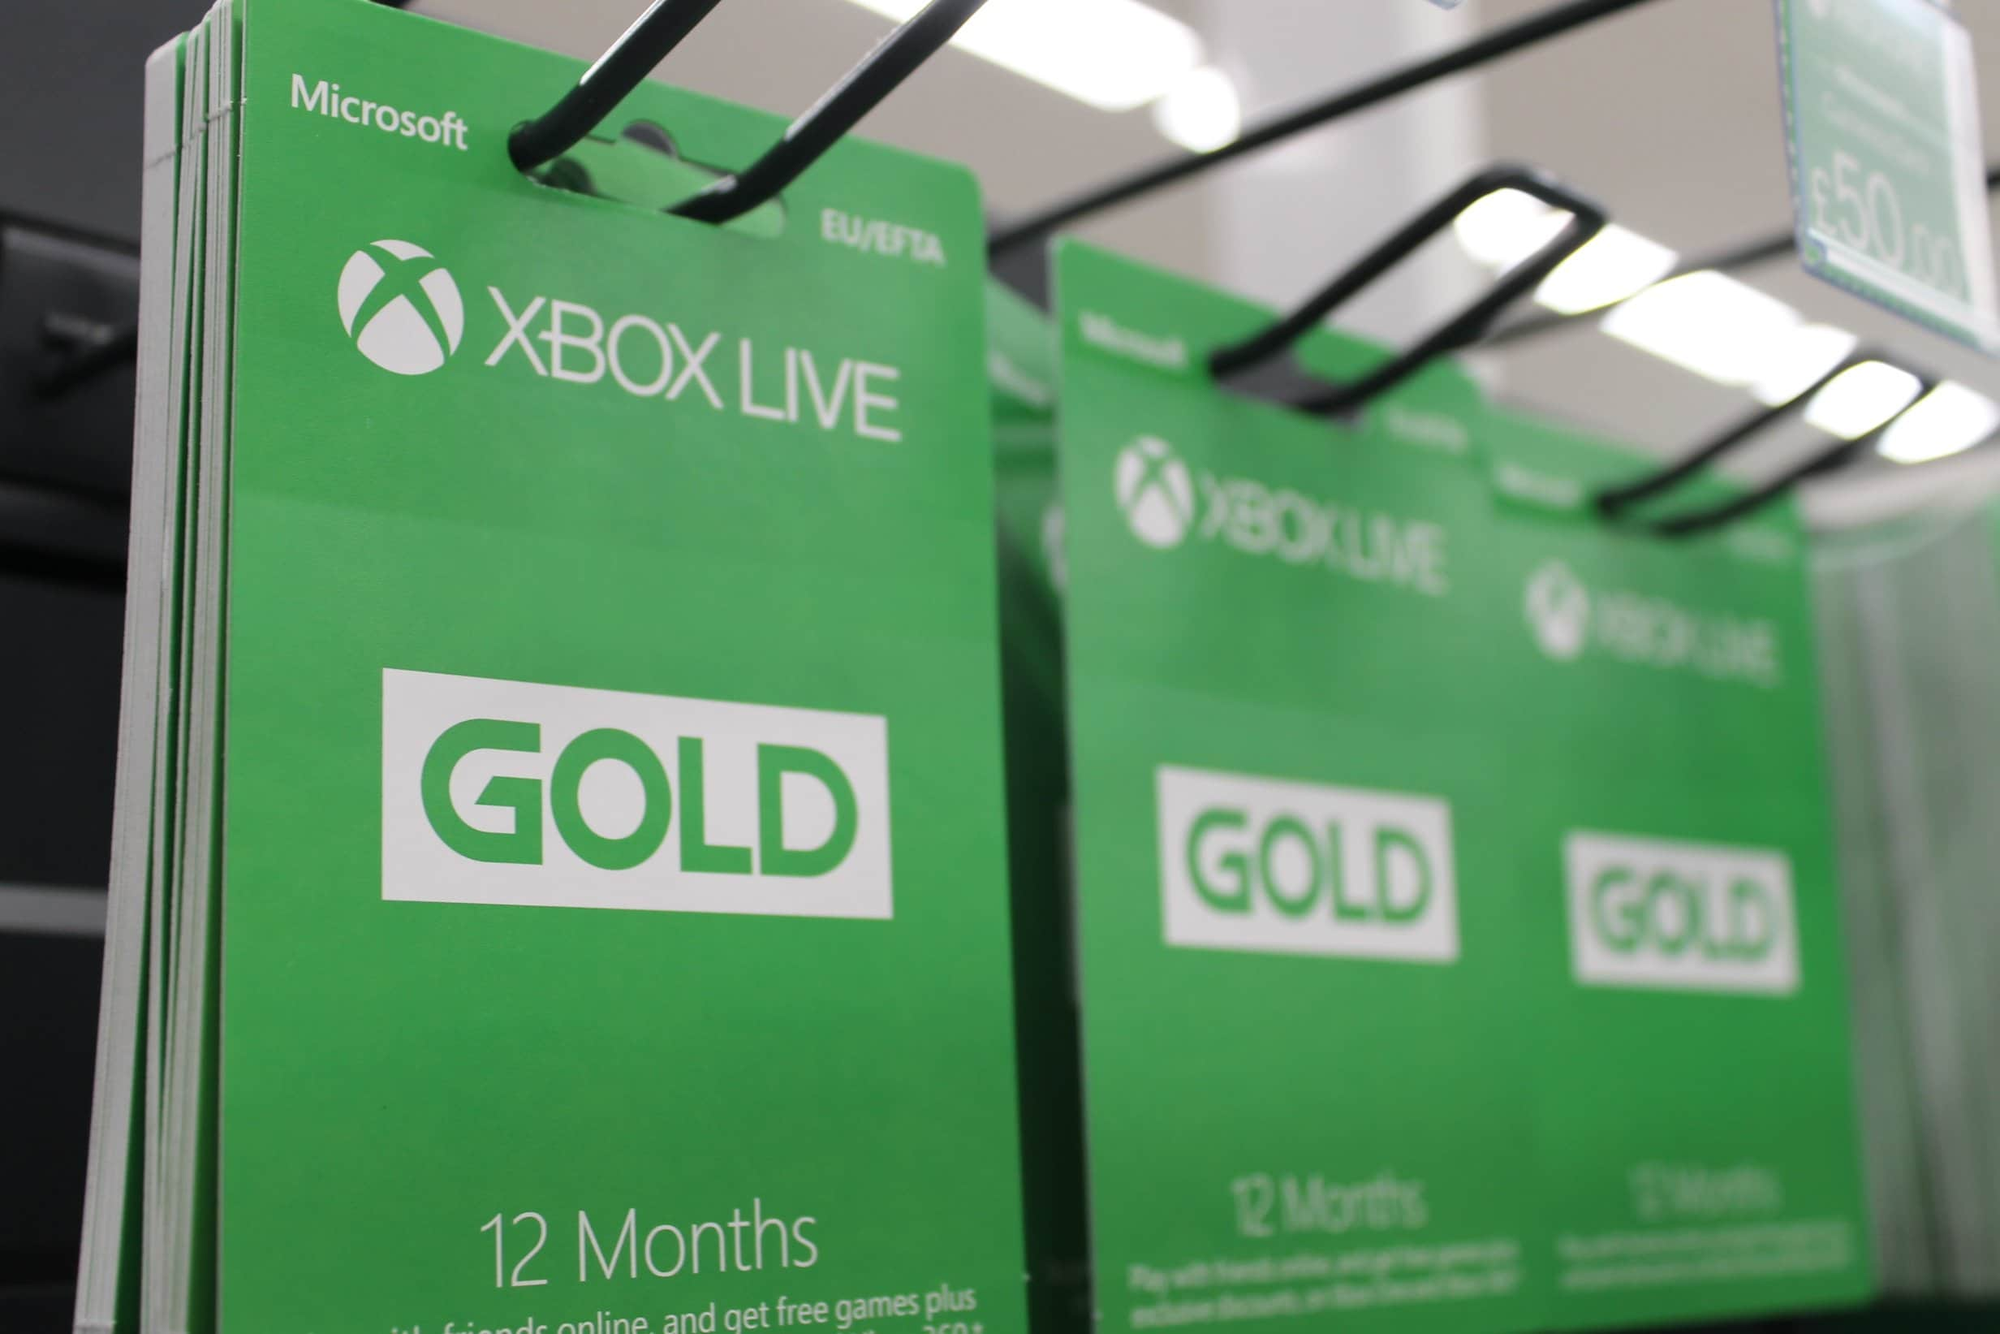 Xbox Live Gold sofre reajuste de preço em alguns países - Olhar Digital